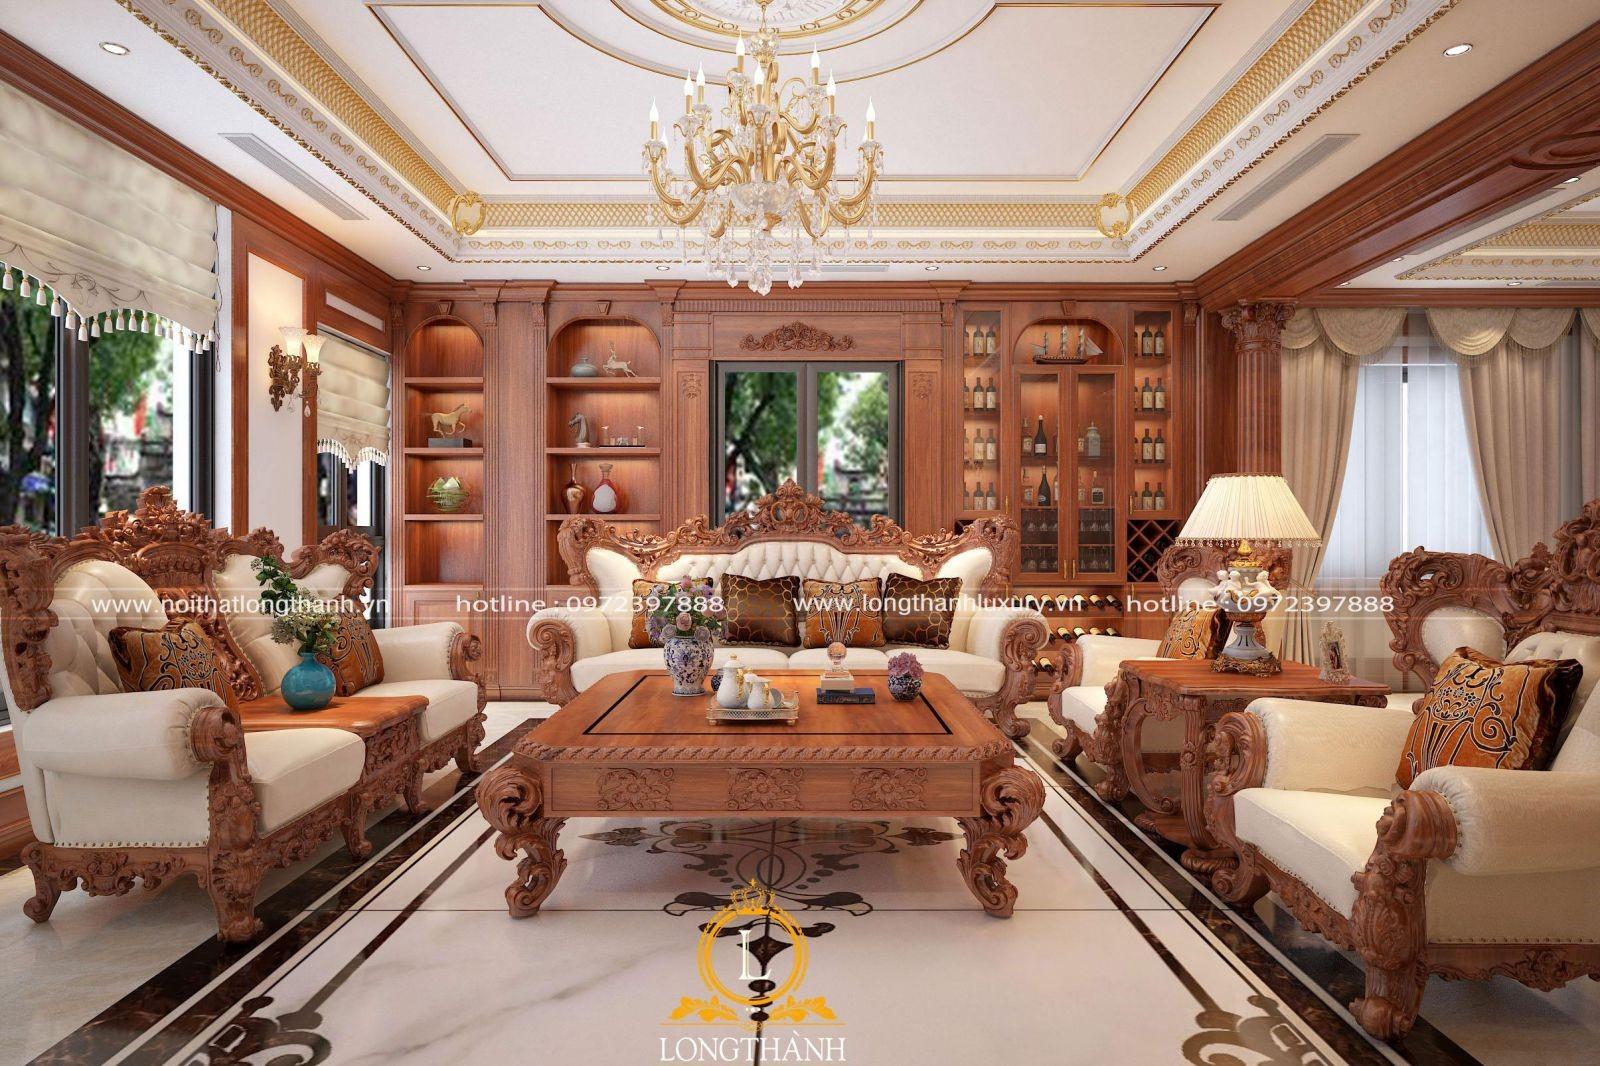 Tủ trang trí phòng khách gỗ đẹp mắt